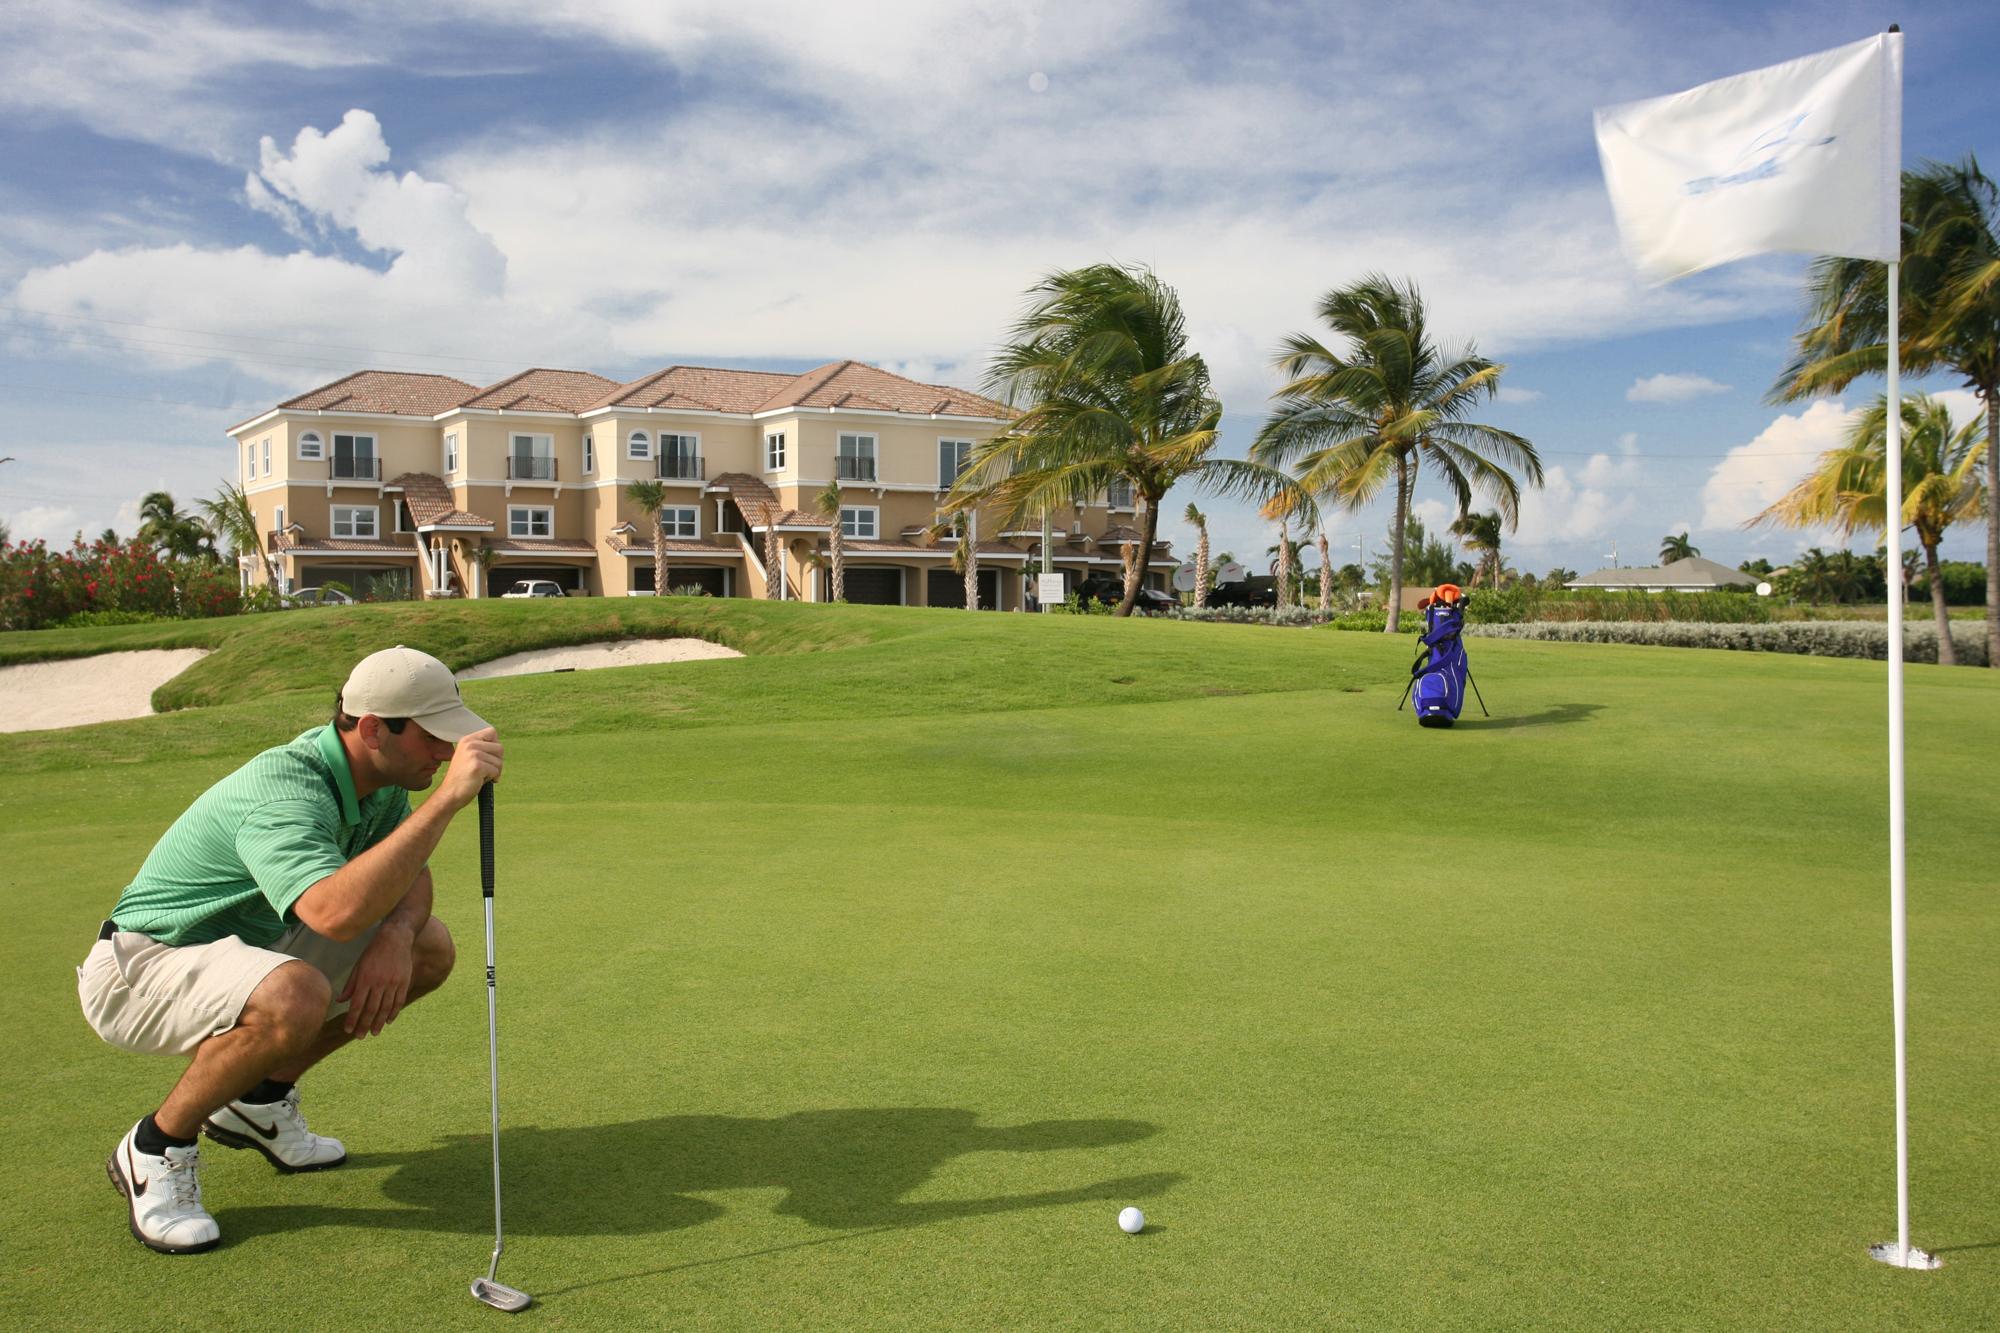 タウンハウス のために 賃貸 アット Turnberry rental property Turnberry Dr, Grand Cayman, Cayman Islands Other Grand Cayman, グランドケイマン, CAYMAN ケイマン諸島